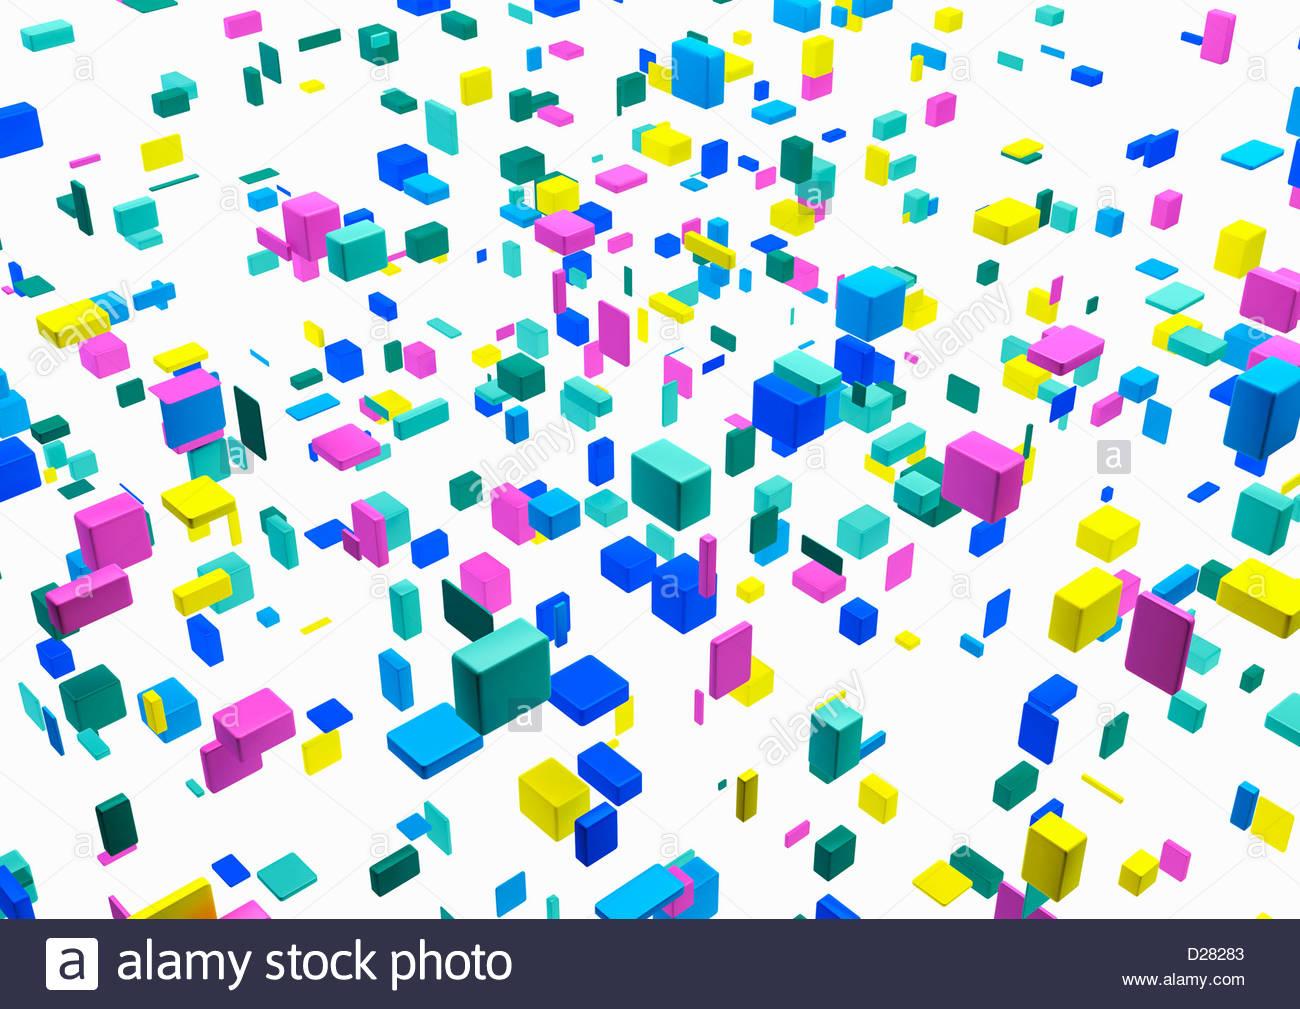 Abstract flottante cubetti multicolore su sfondo bianco Immagini Stock